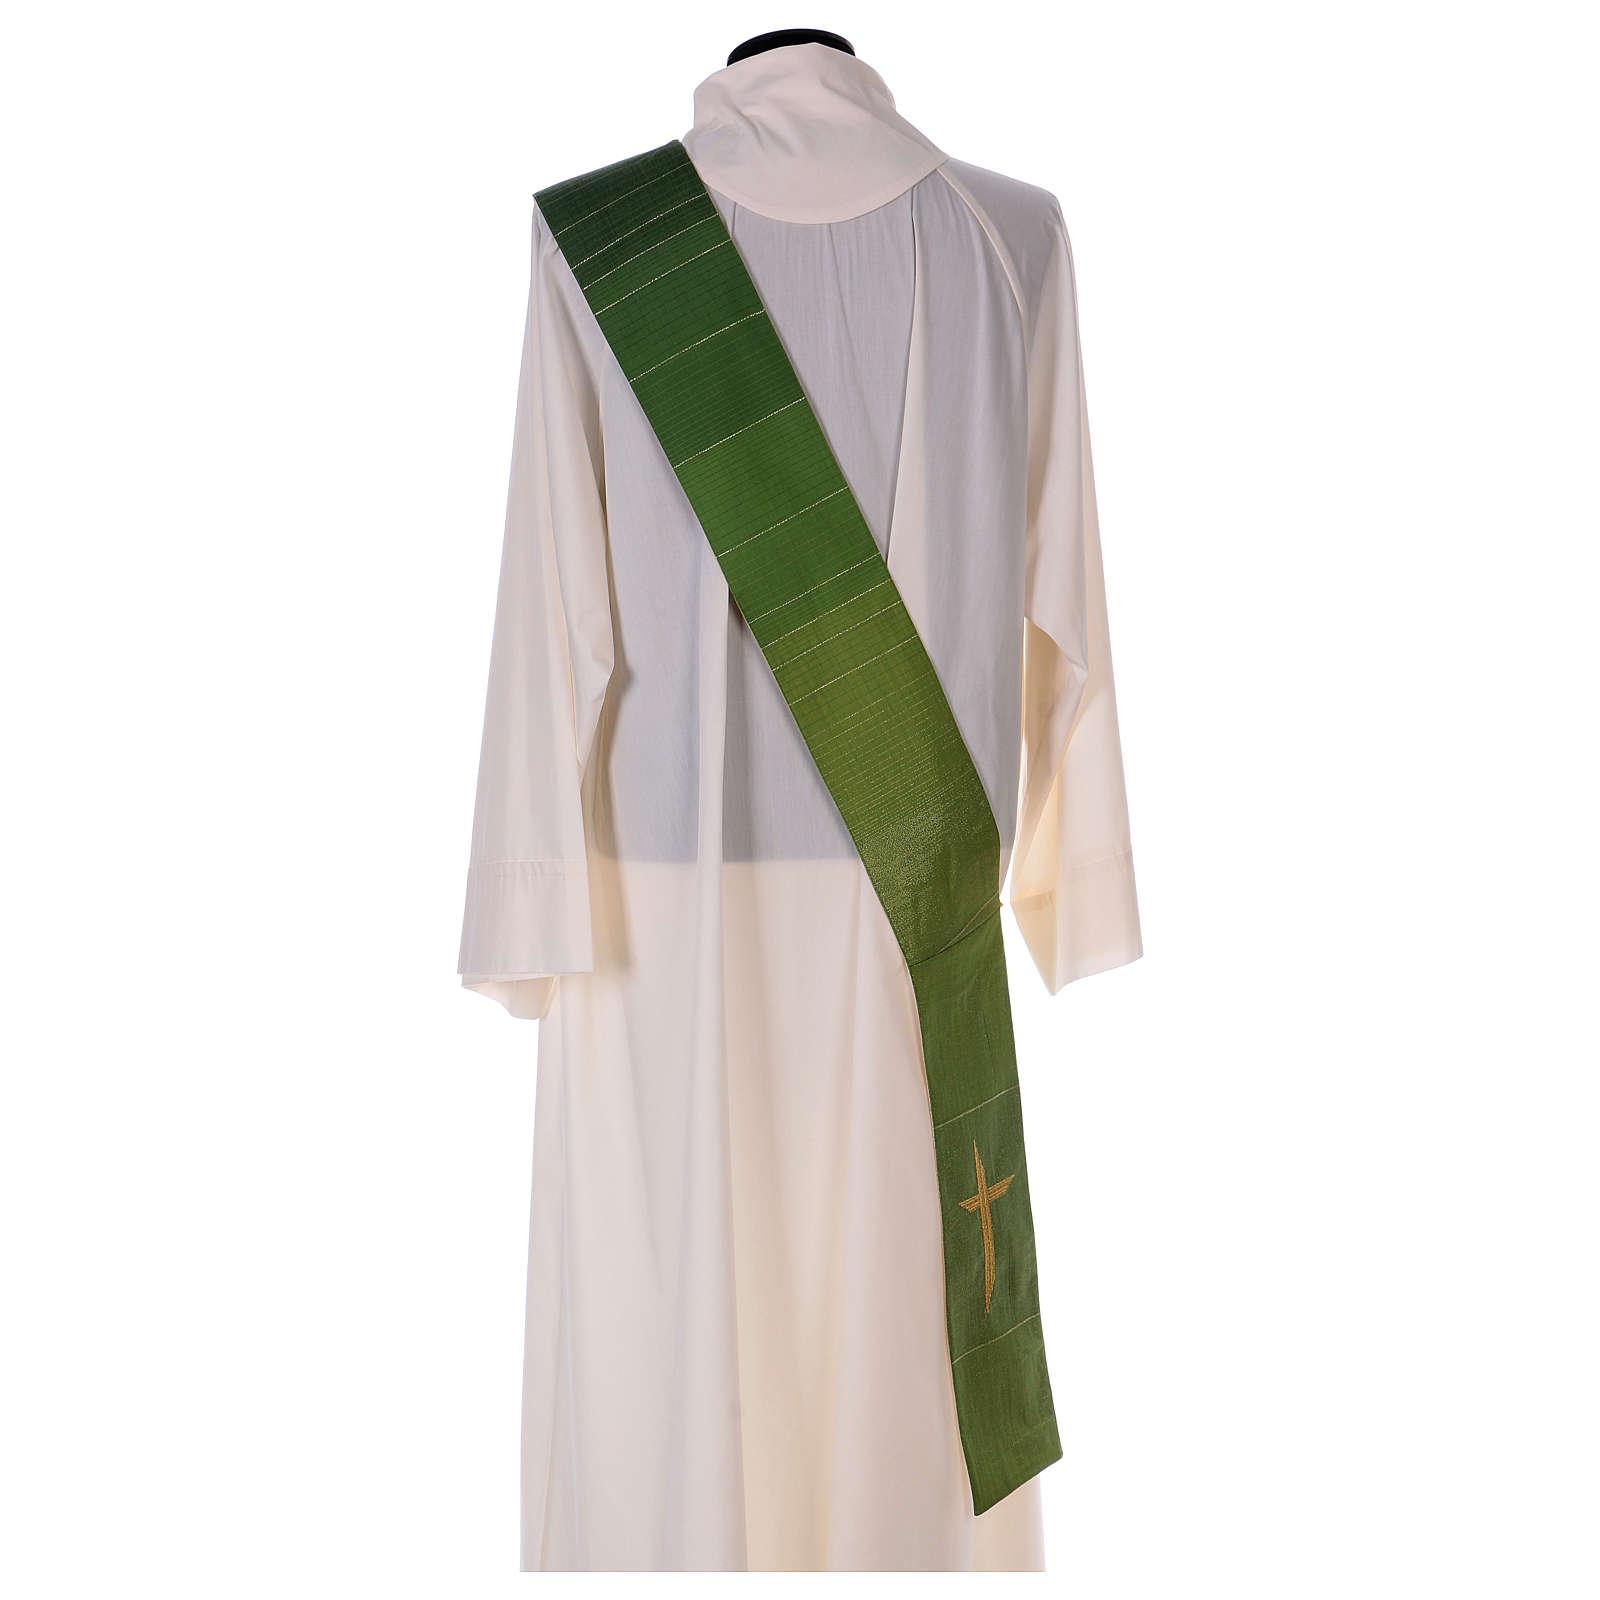 Étole réversible 85% laine 15% lurex avec croix 4